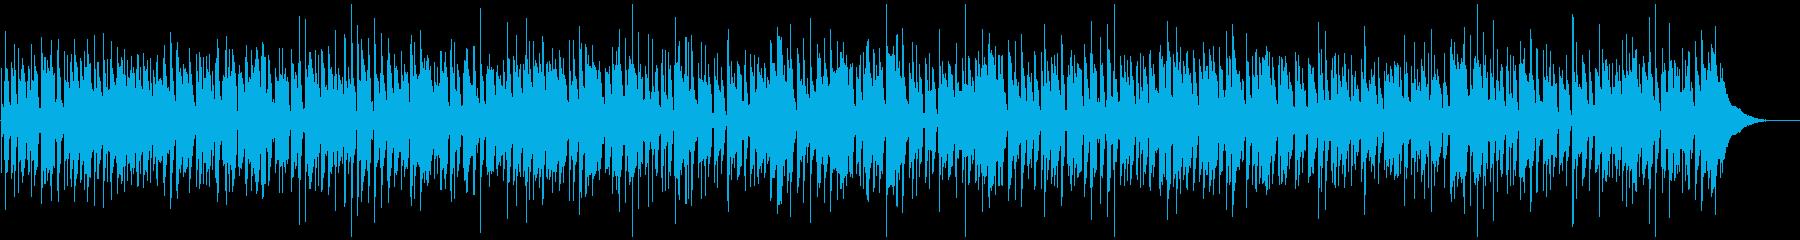 ほのぼのボサノバのBGMの再生済みの波形